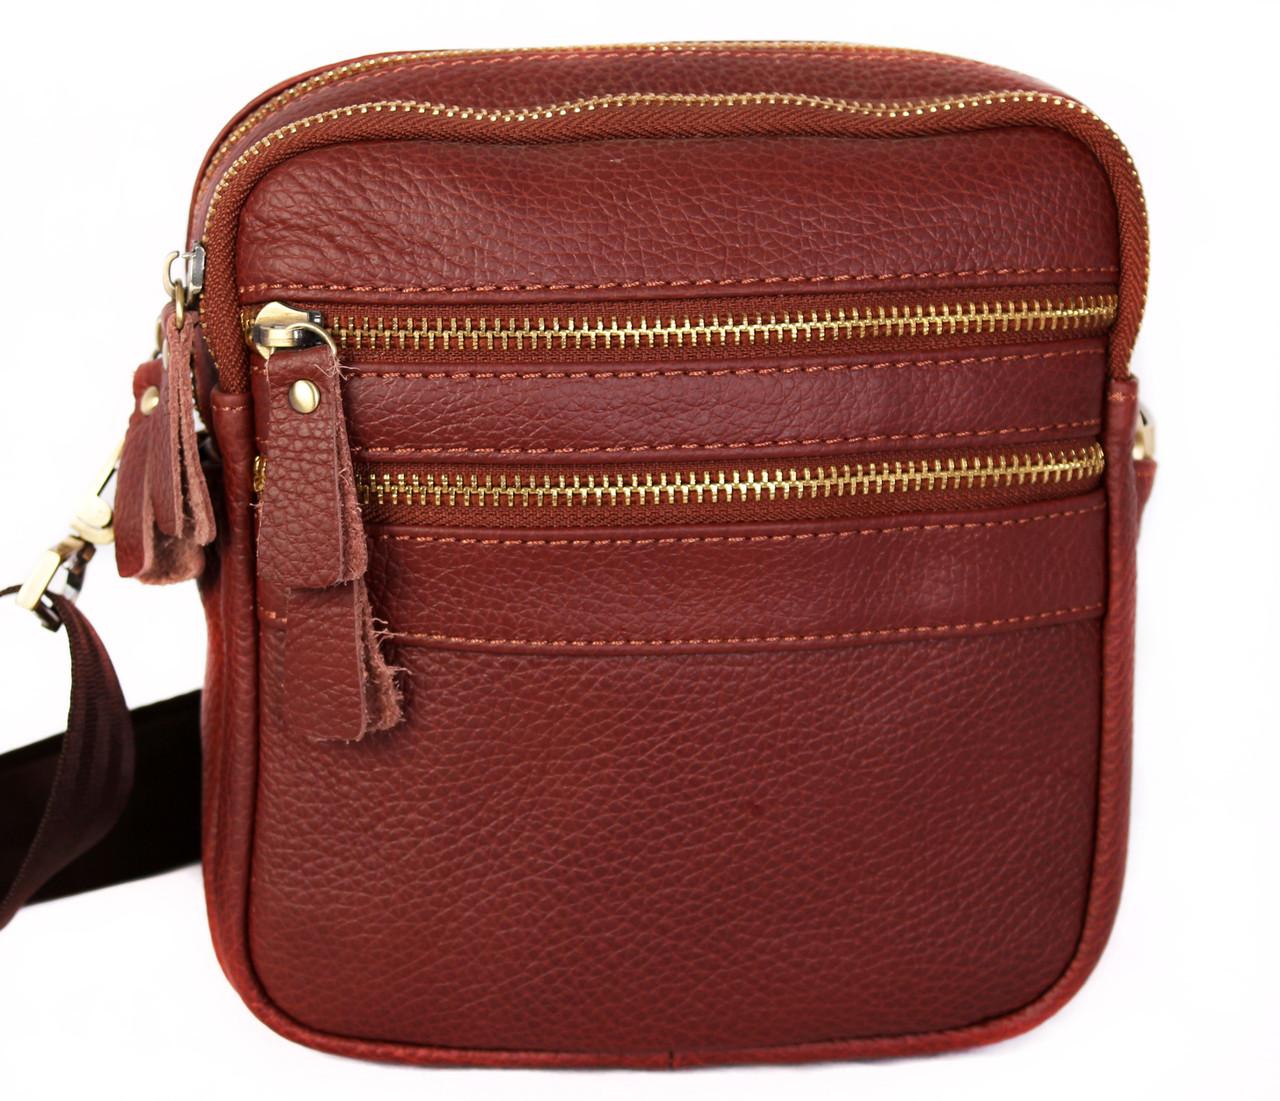 Мужская кожаная сумка Dovhani BL3010938 Рыжая 19 x 17 x 8 см